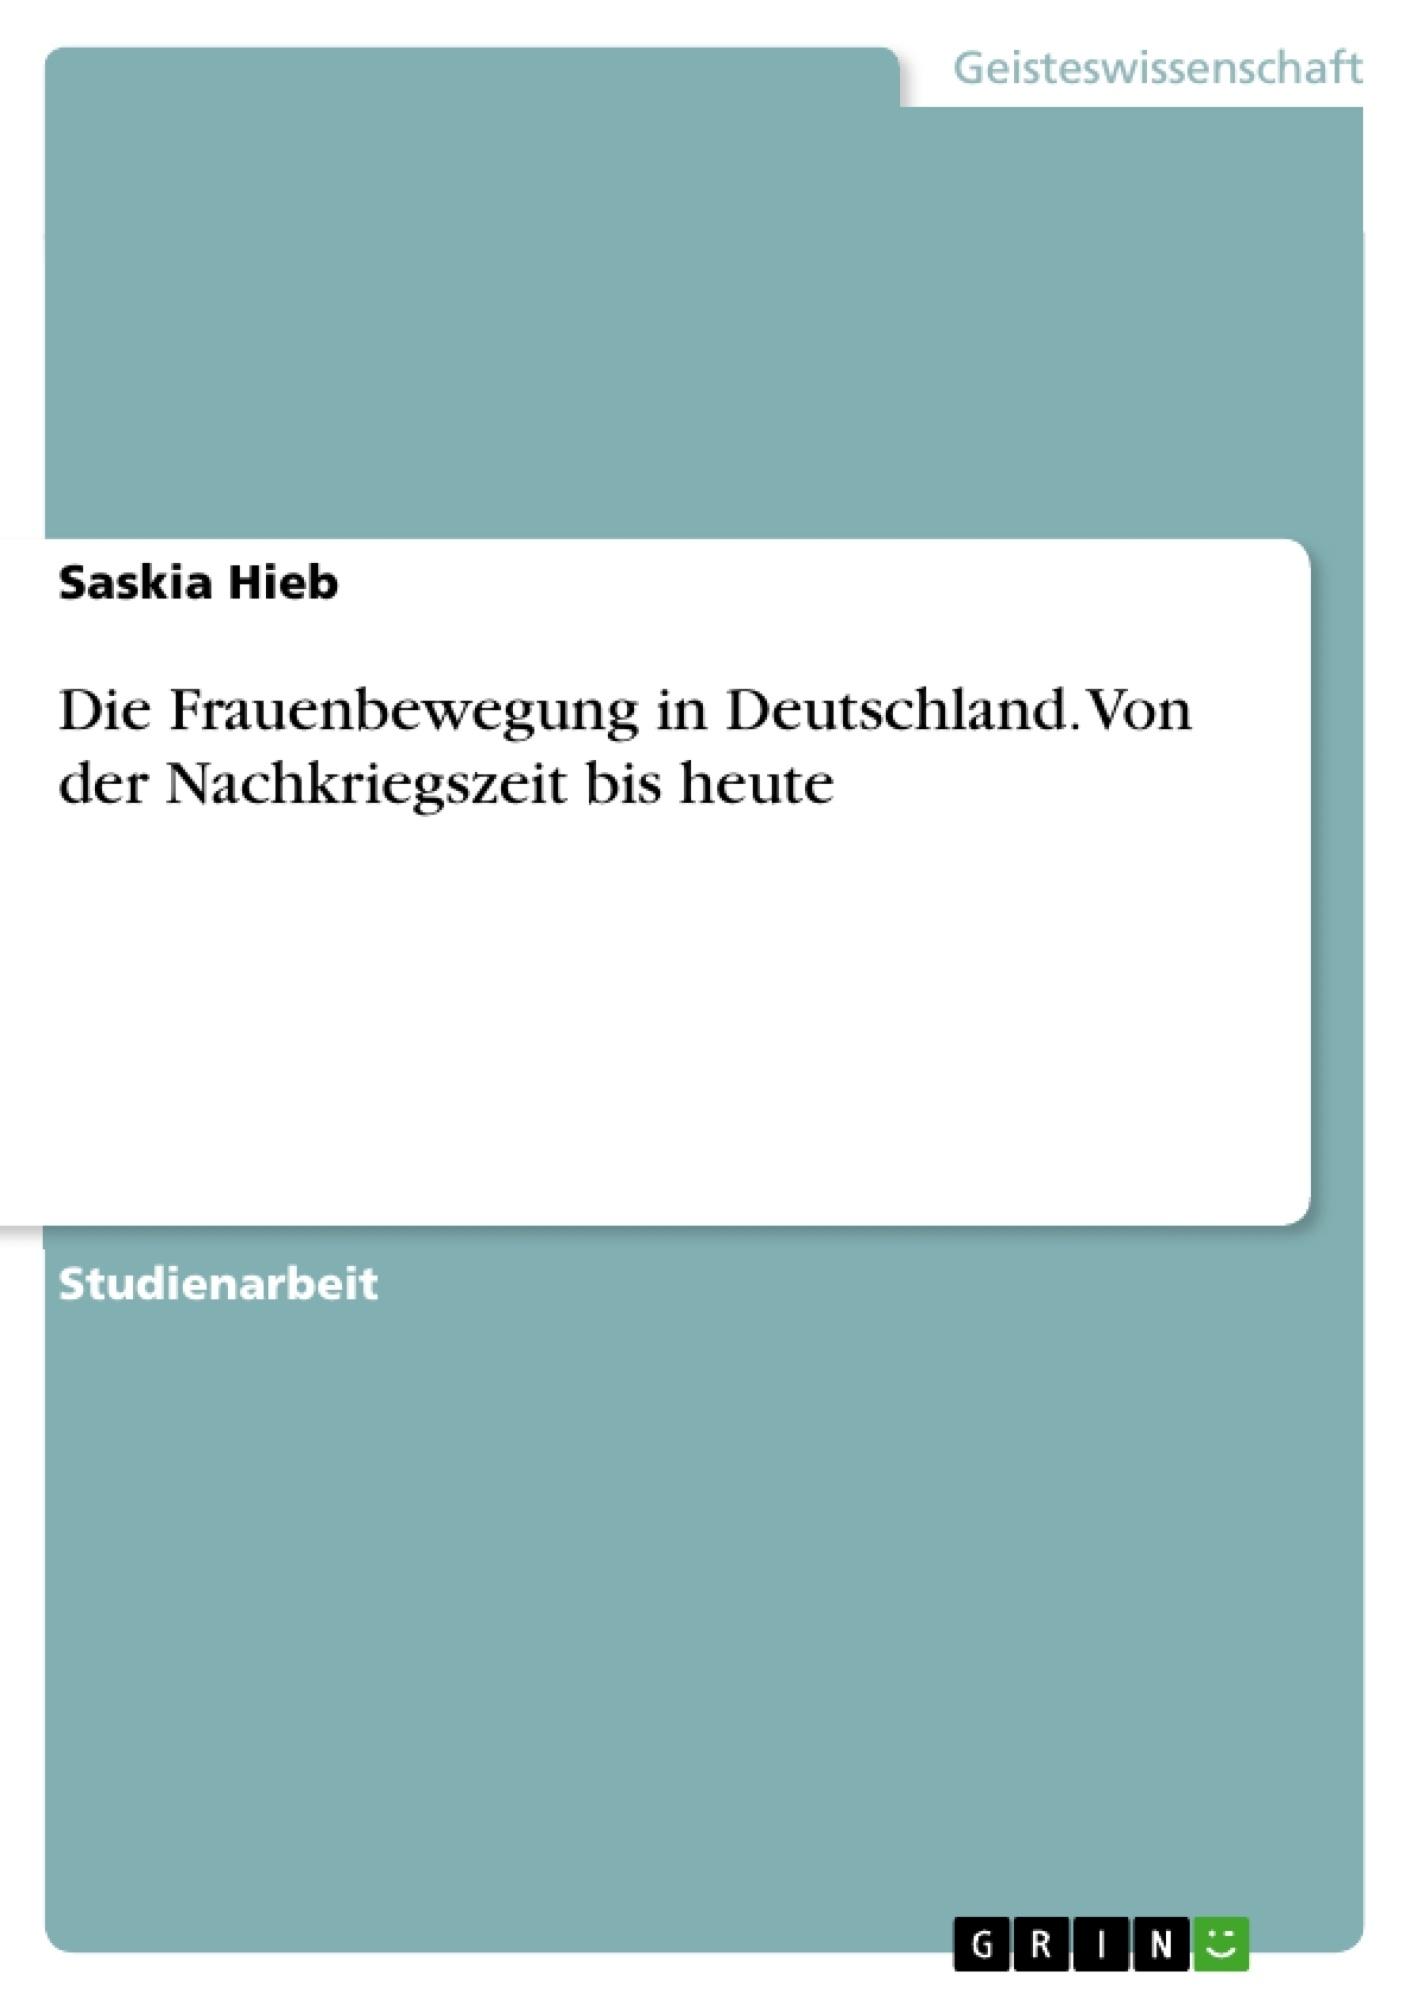 Titel: Die Frauenbewegung in Deutschland. Von der Nachkriegszeit bis heute